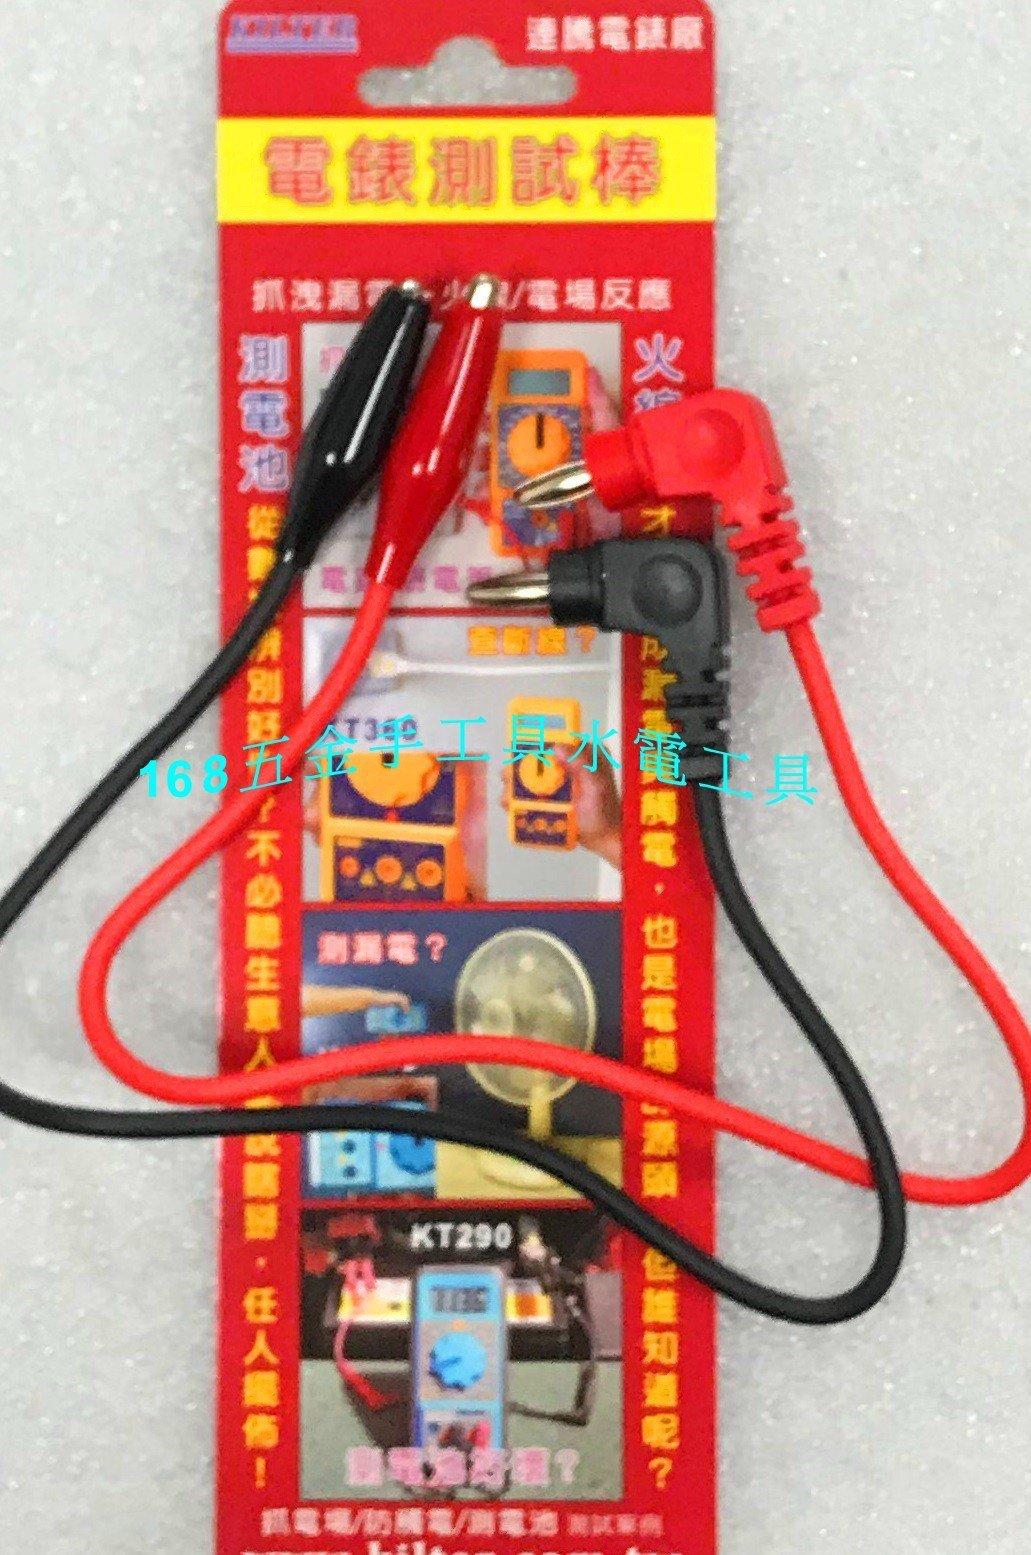 ~168 具~三用電錶測試線:連騰KT-003 小夾頭 測試棒 電錶線 電子材料 製